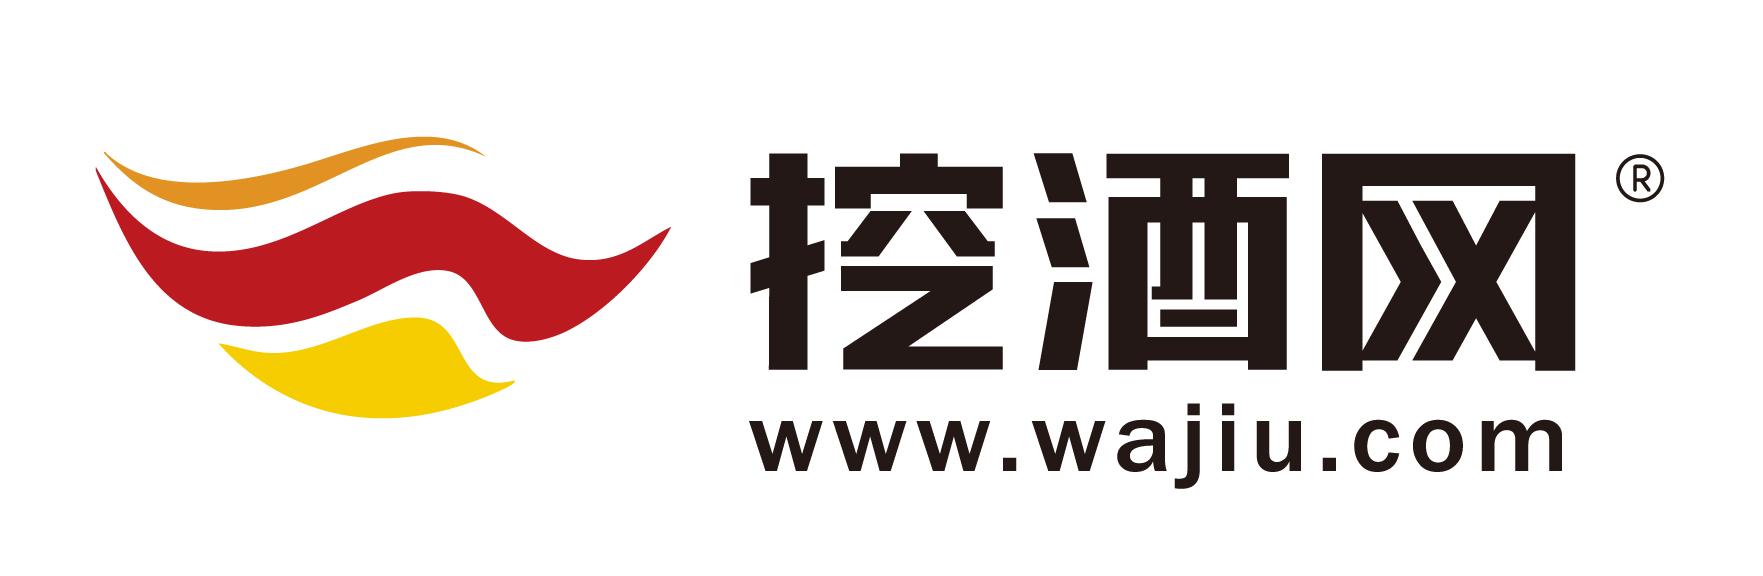 北京挖玖电子商务有限公司